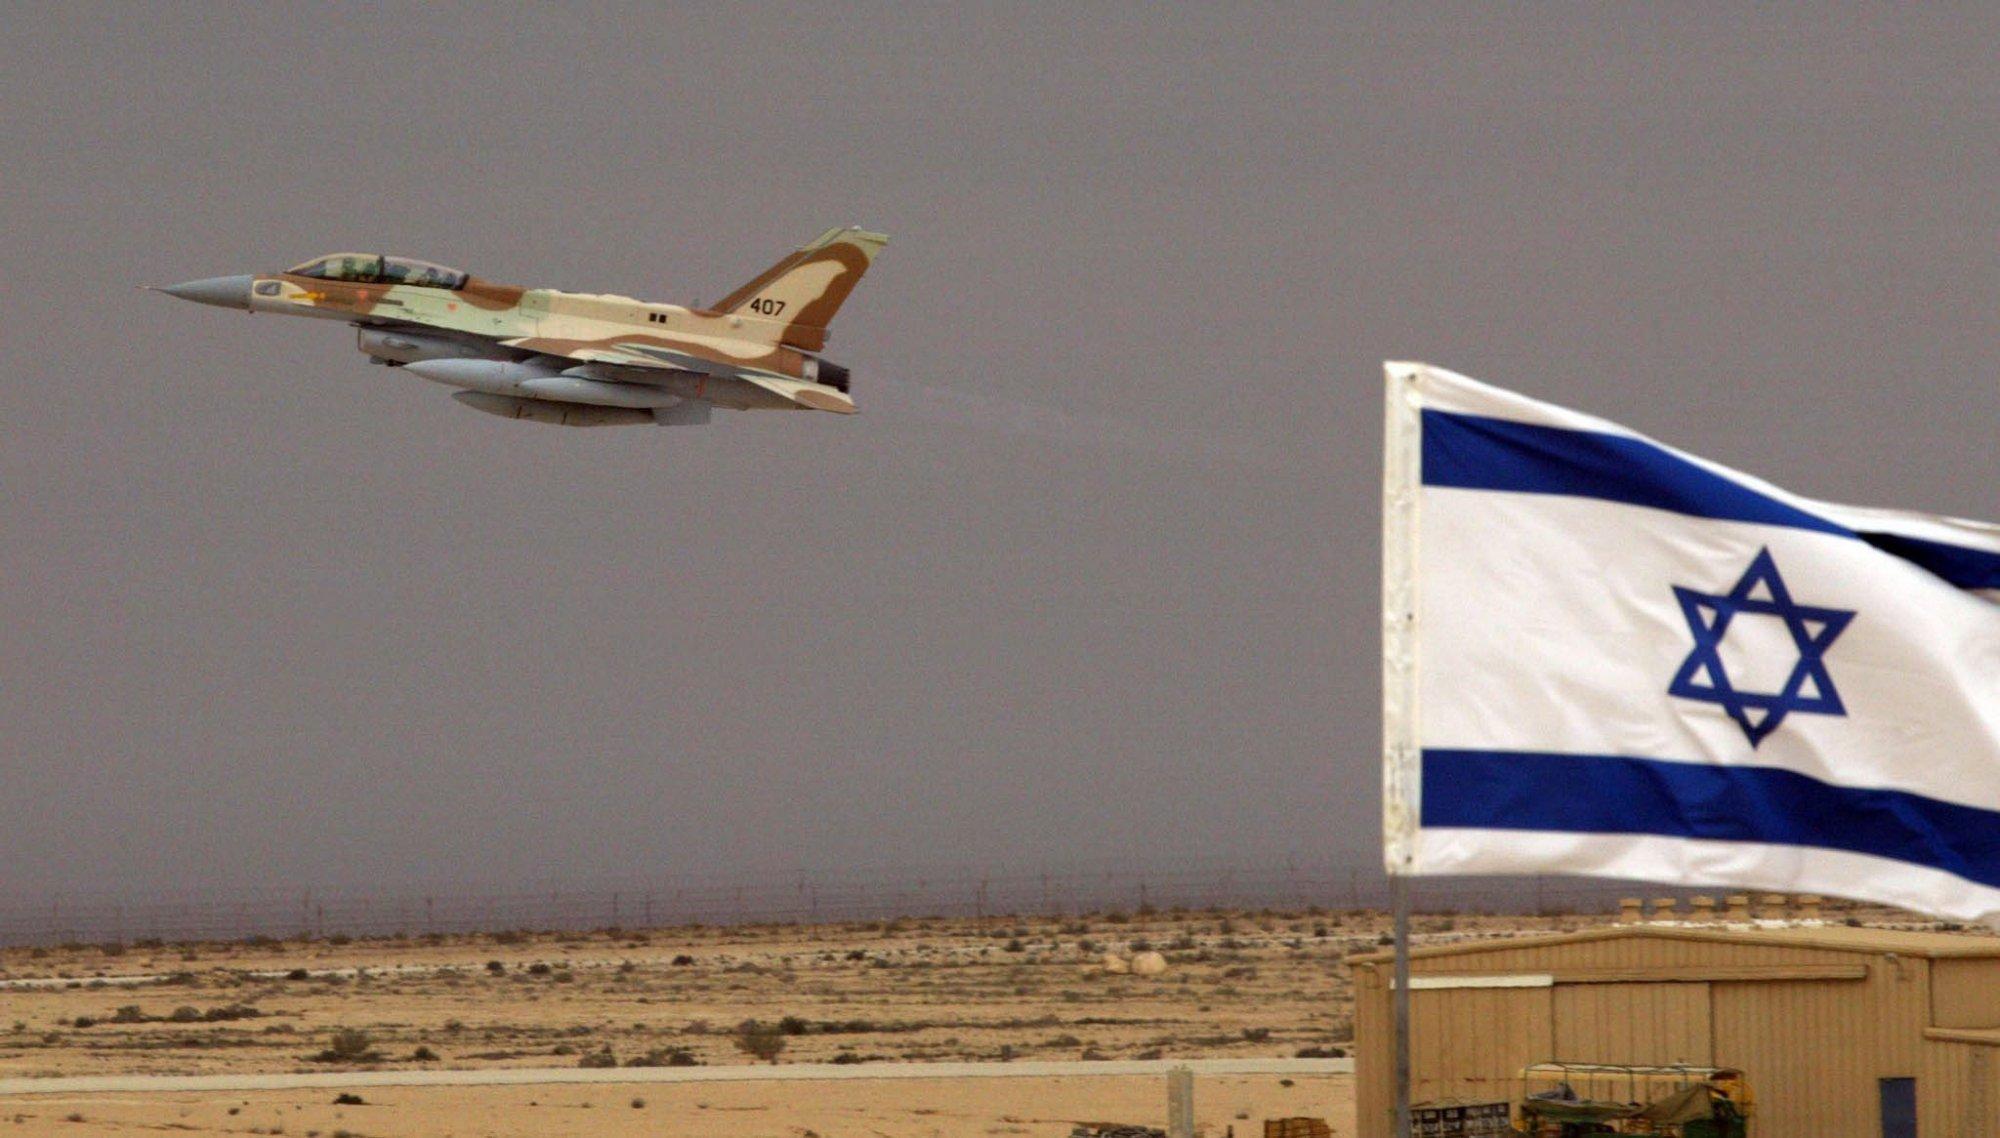 ВВС Израиля атаковали позиции военных правительственной армии Сирии